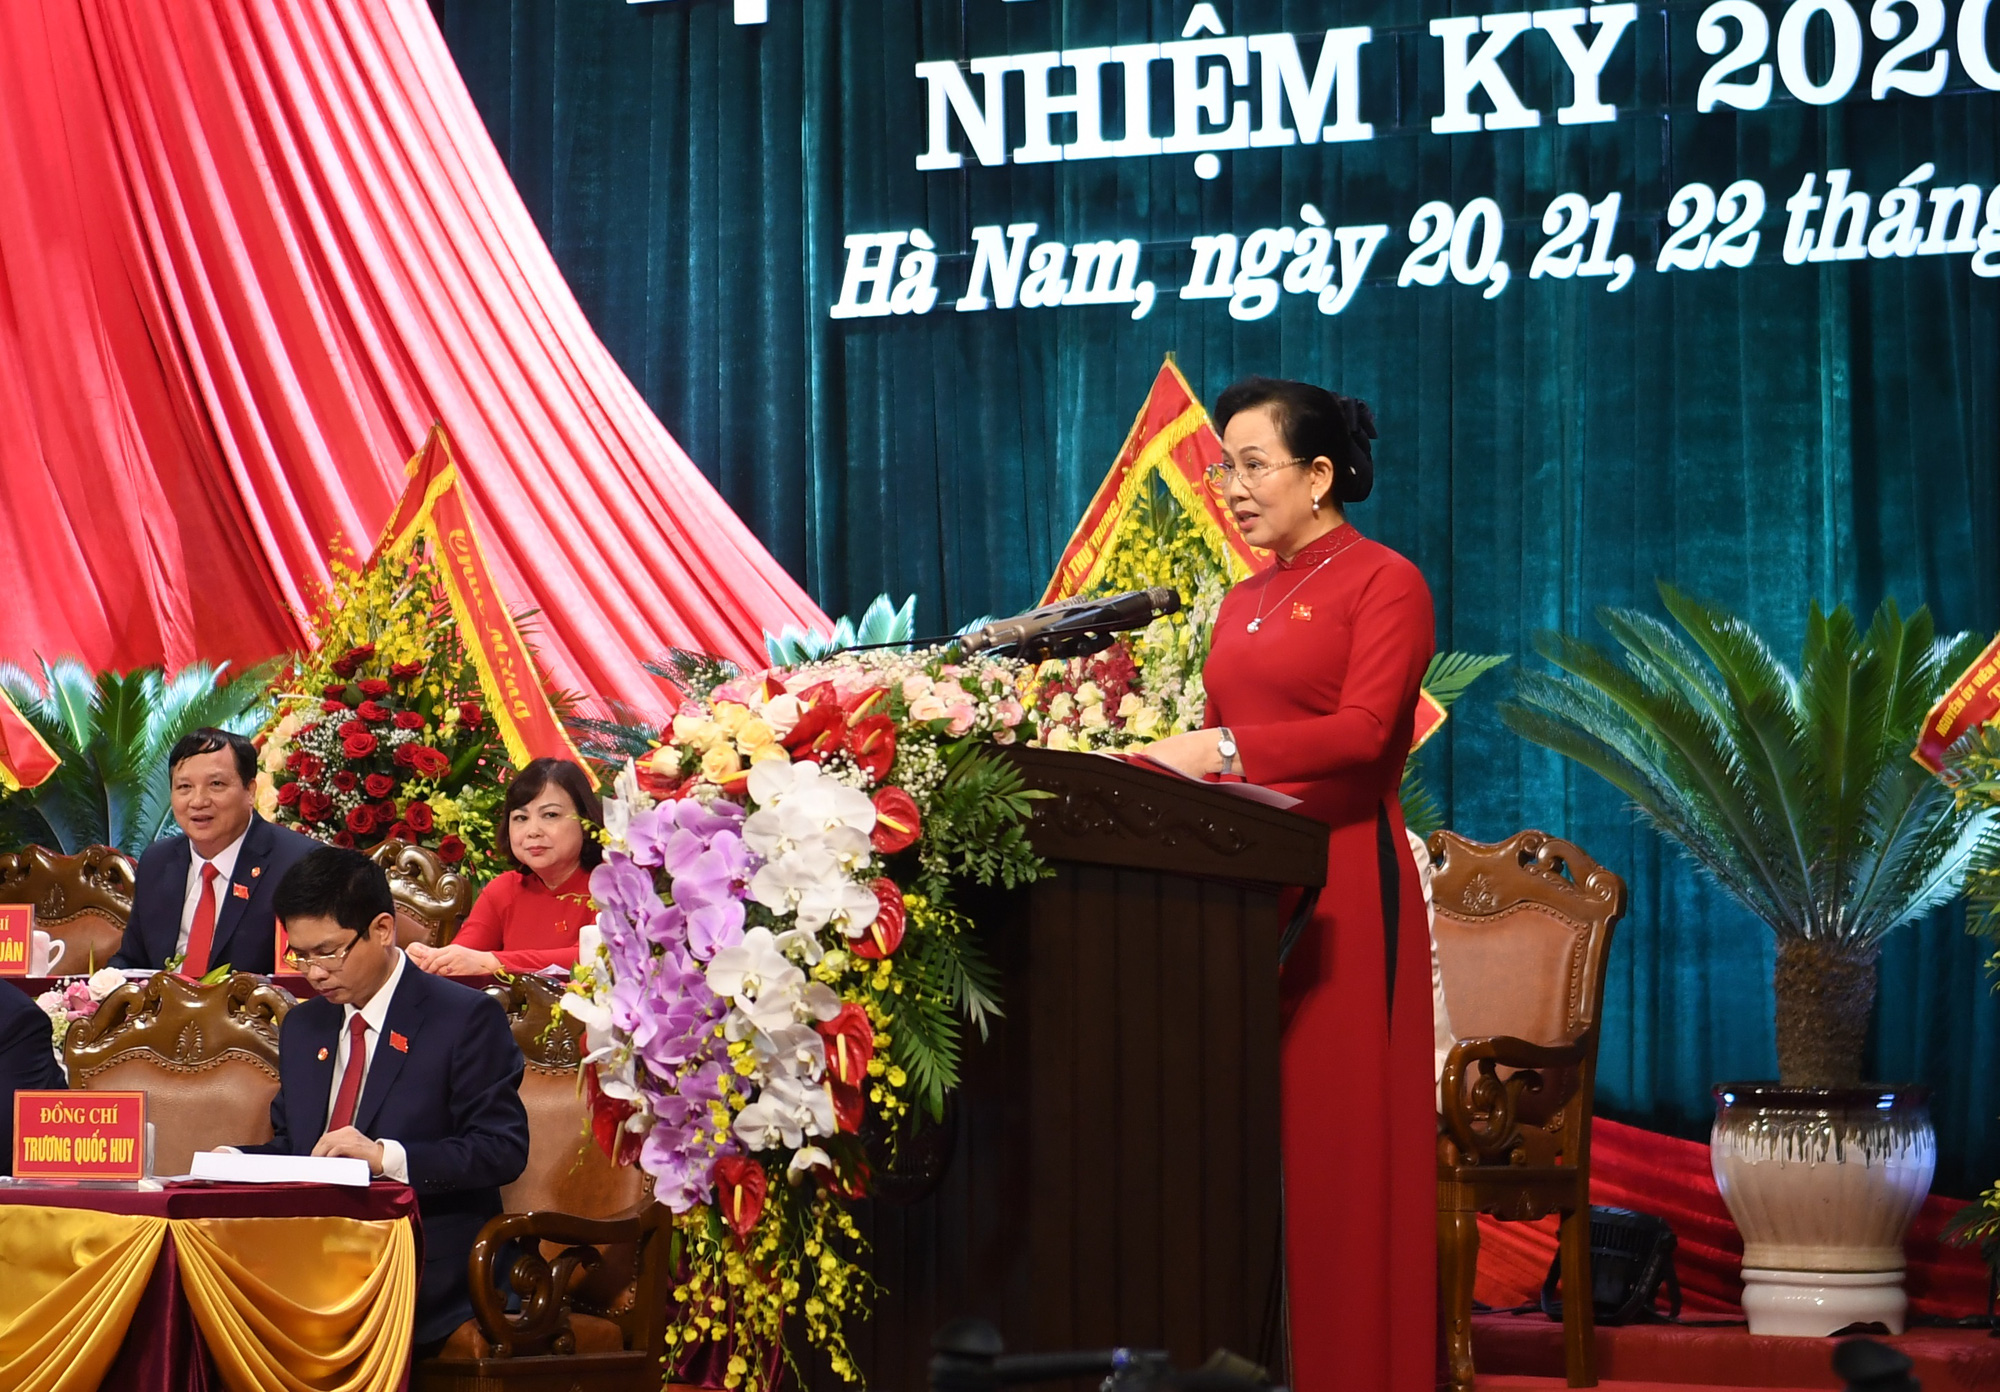 Bà Lê Thị Thủy tiếp tục được tín nhiệm bầu làm Bí thư Tỉnh ủy Hà Nam - Ảnh 1.